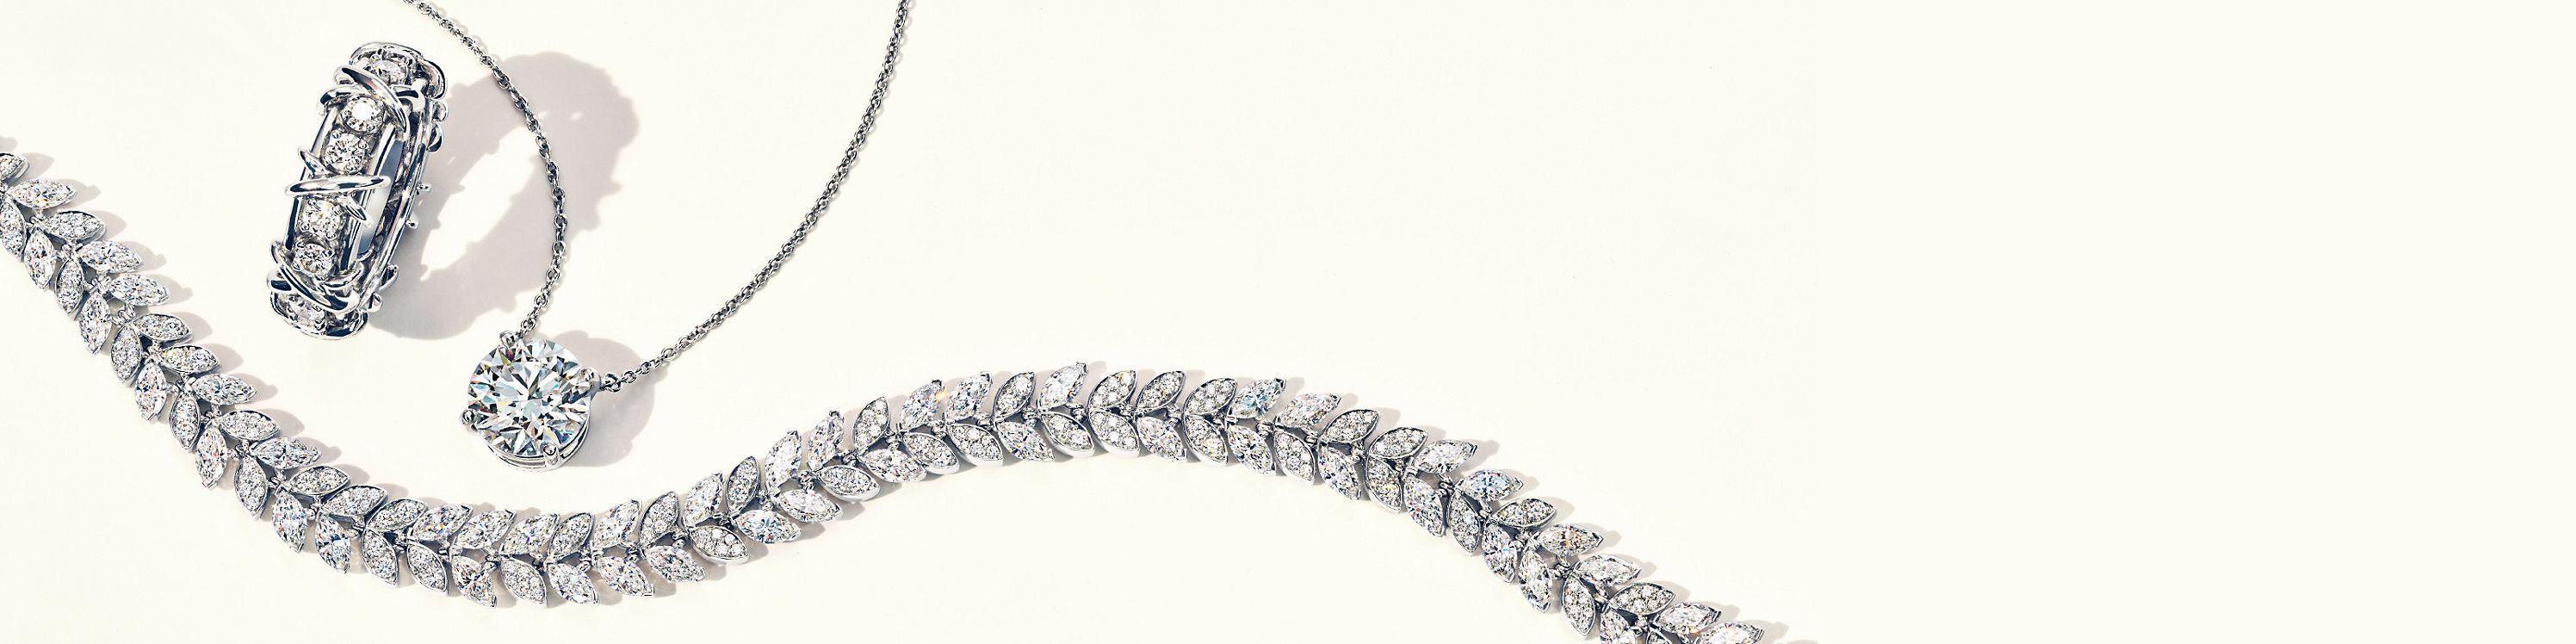 Tiffany & Co. Diamond Jewelry